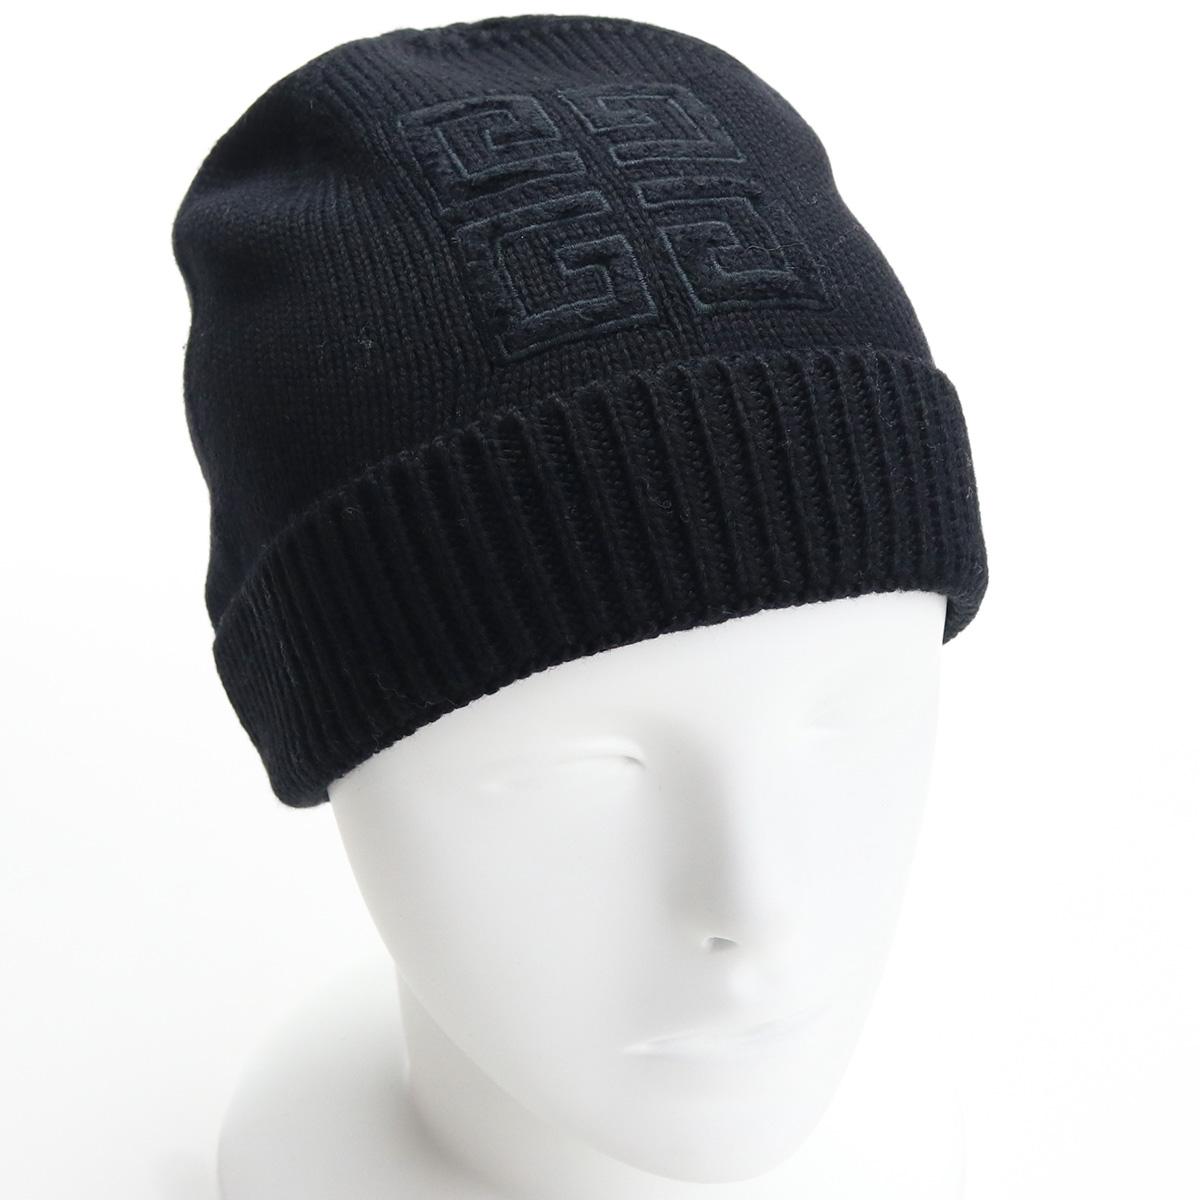 ※ 送料無料 ラッピング無料 2021春夏新作 ジバンシー GIVENCHY レディース- ニットキャップ 帽子類 レディース BGZ011 001 海外並行輸入正規品 G02C ブラック お値打ち価格で sale-8 bos-05 2021SS warm-02